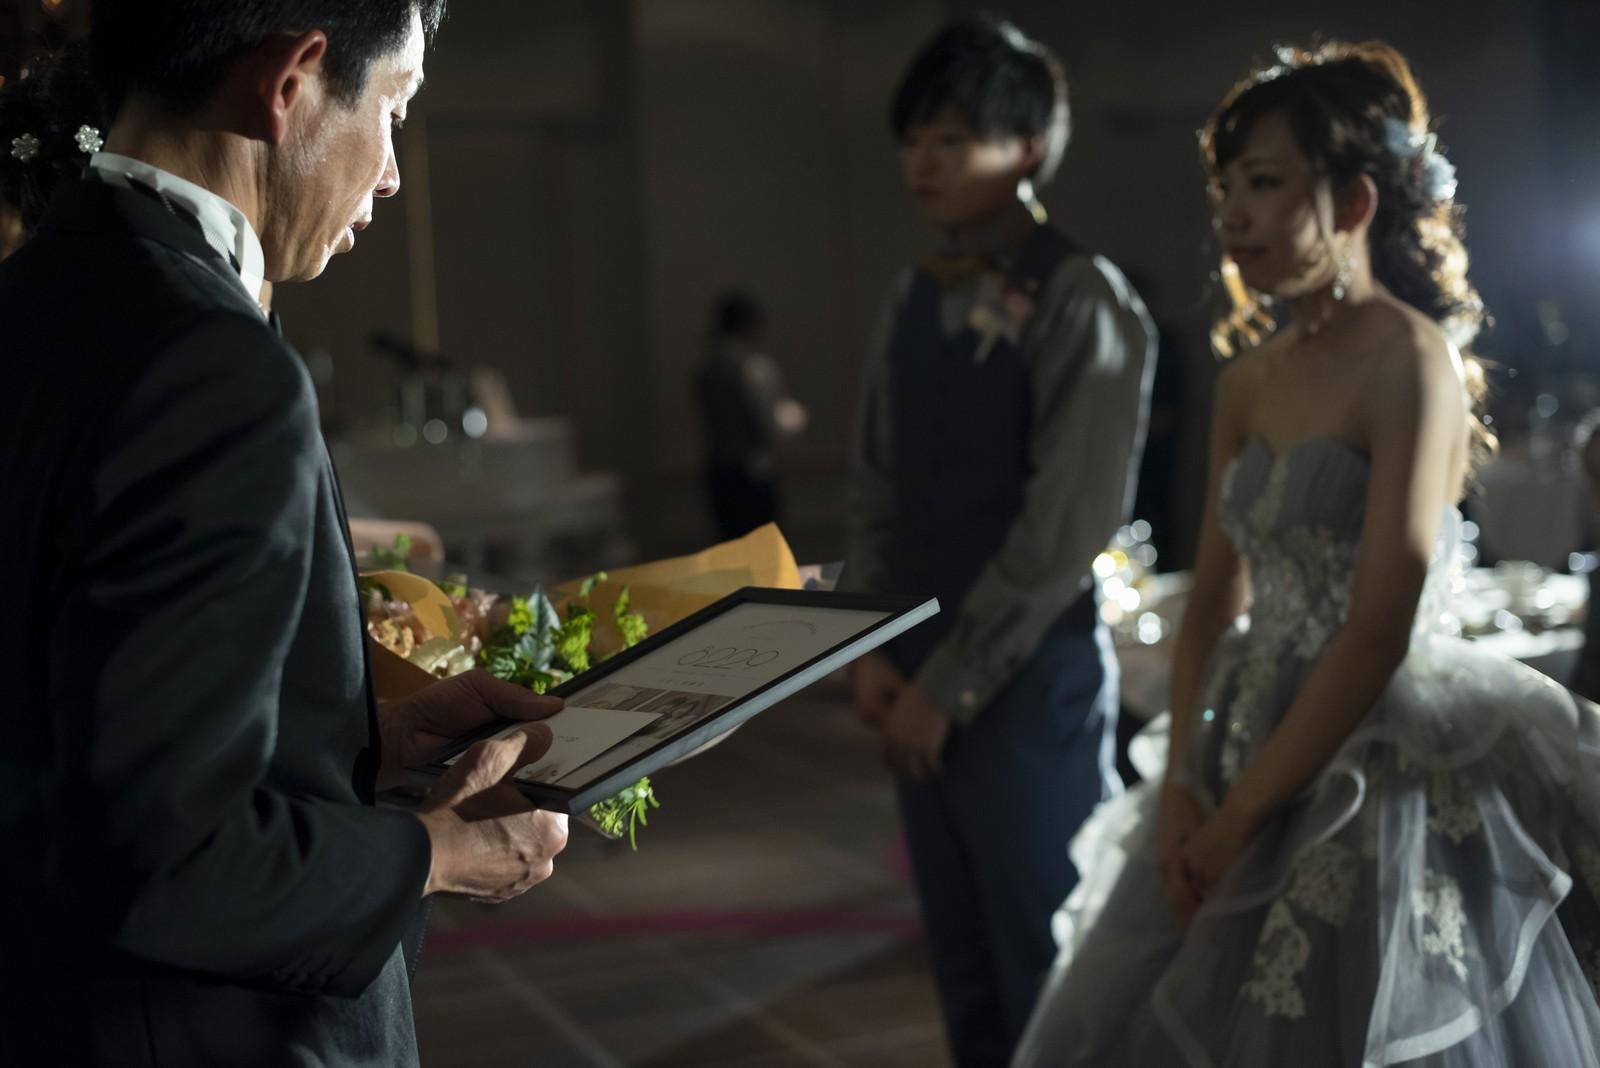 徳島市の結婚式場ブランアンジュで両親への感謝の記念品のプレゼント